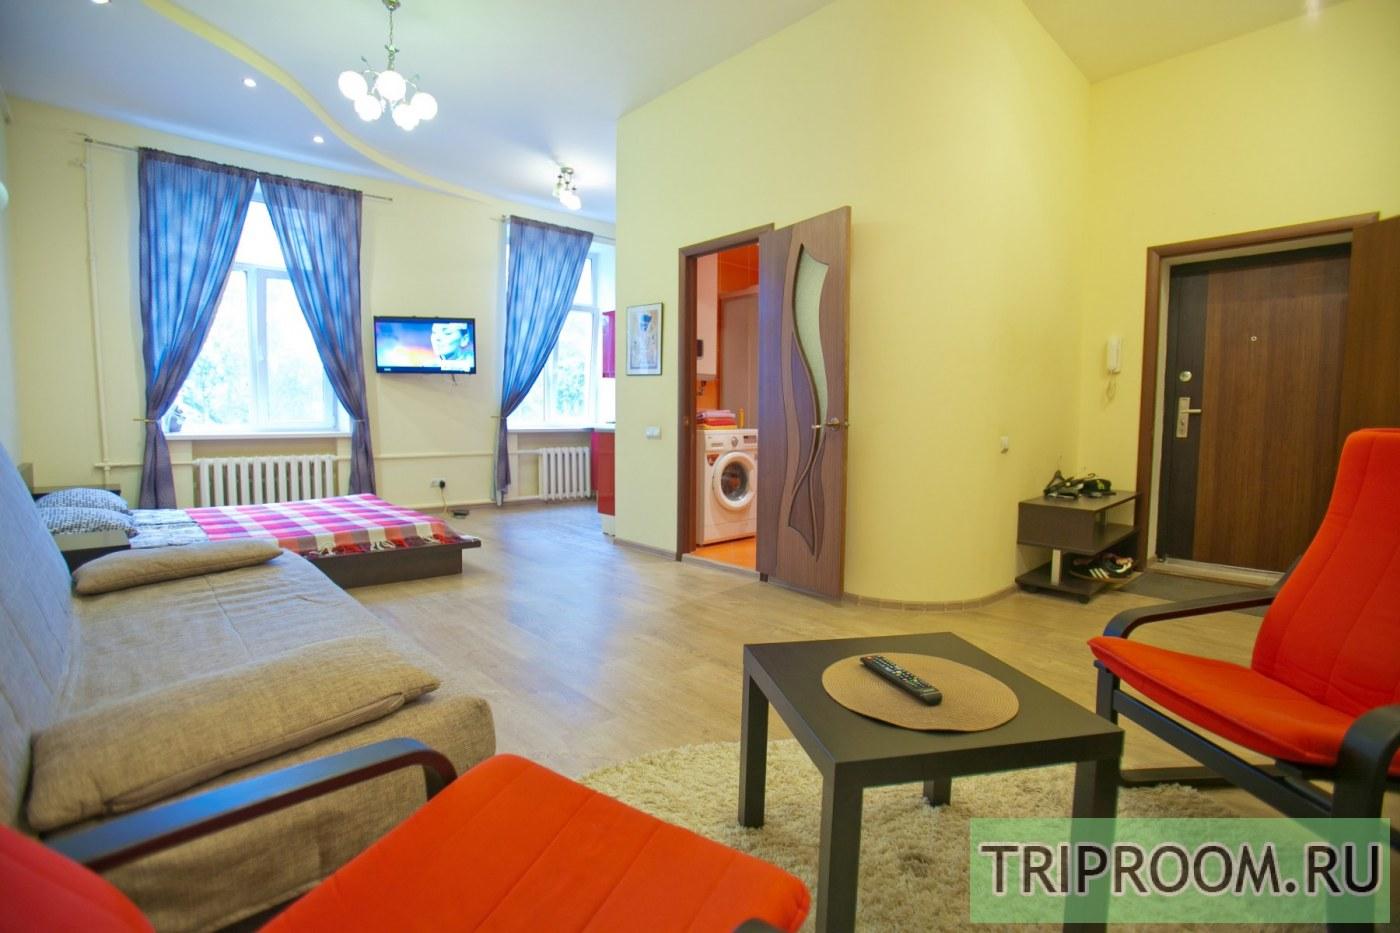 1-комнатная квартира посуточно (вариант № 8396), ул. Краснинская 2-я улица, фото № 17